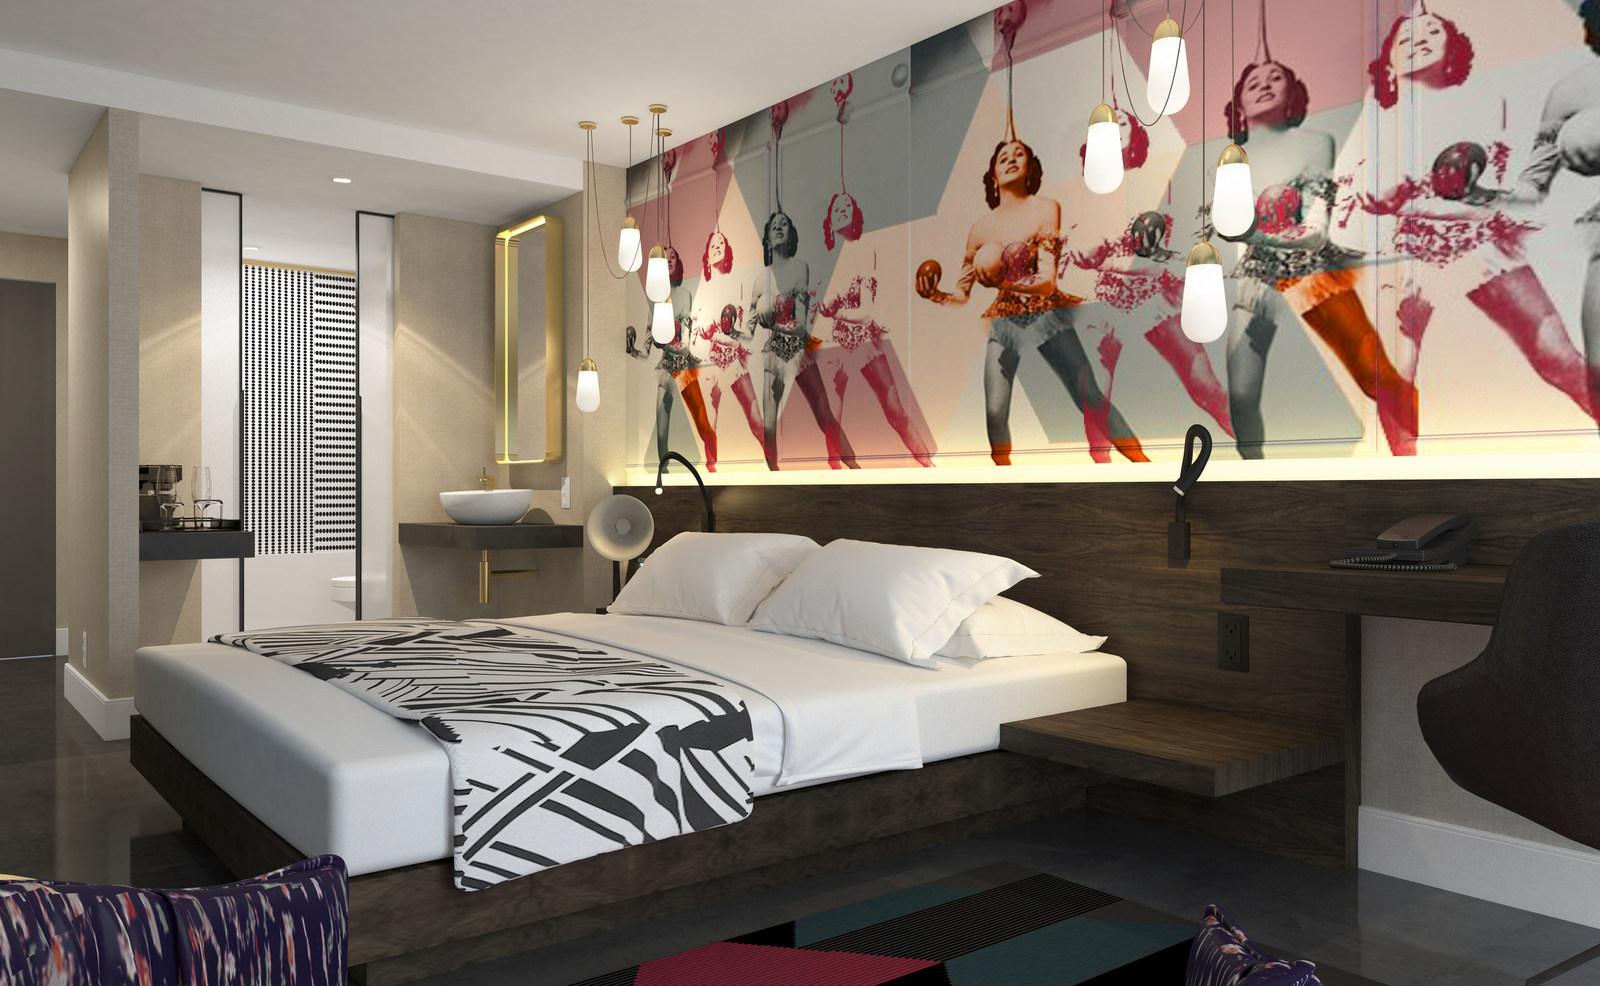 Αποτέλεσμα εικόνας για Dynamic global growth on the horizon for Renaissance Hotels